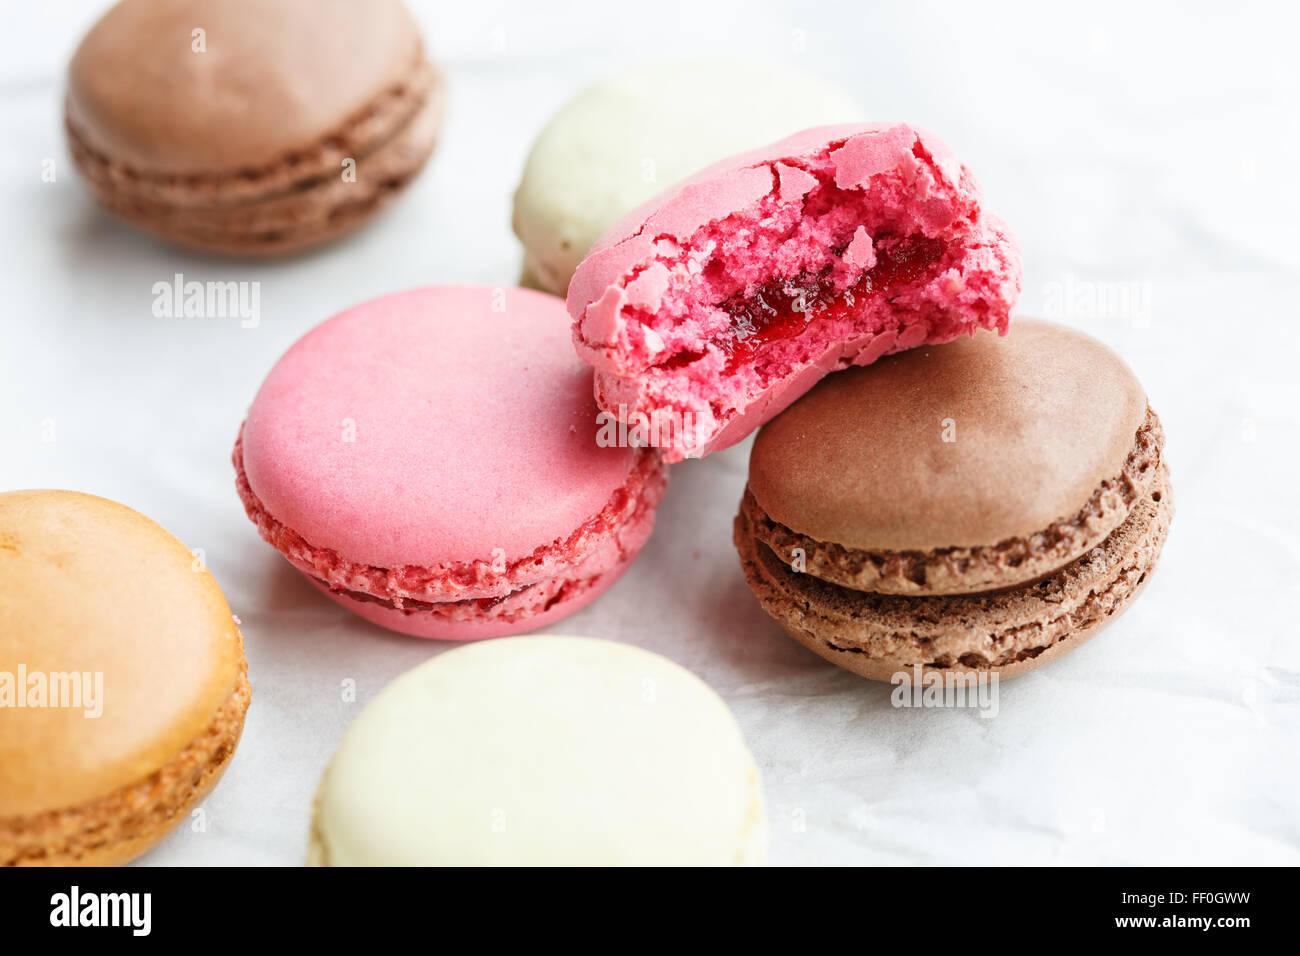 Macaron Kleine Franzosische Kuchen Eine Teilweise Gegessen